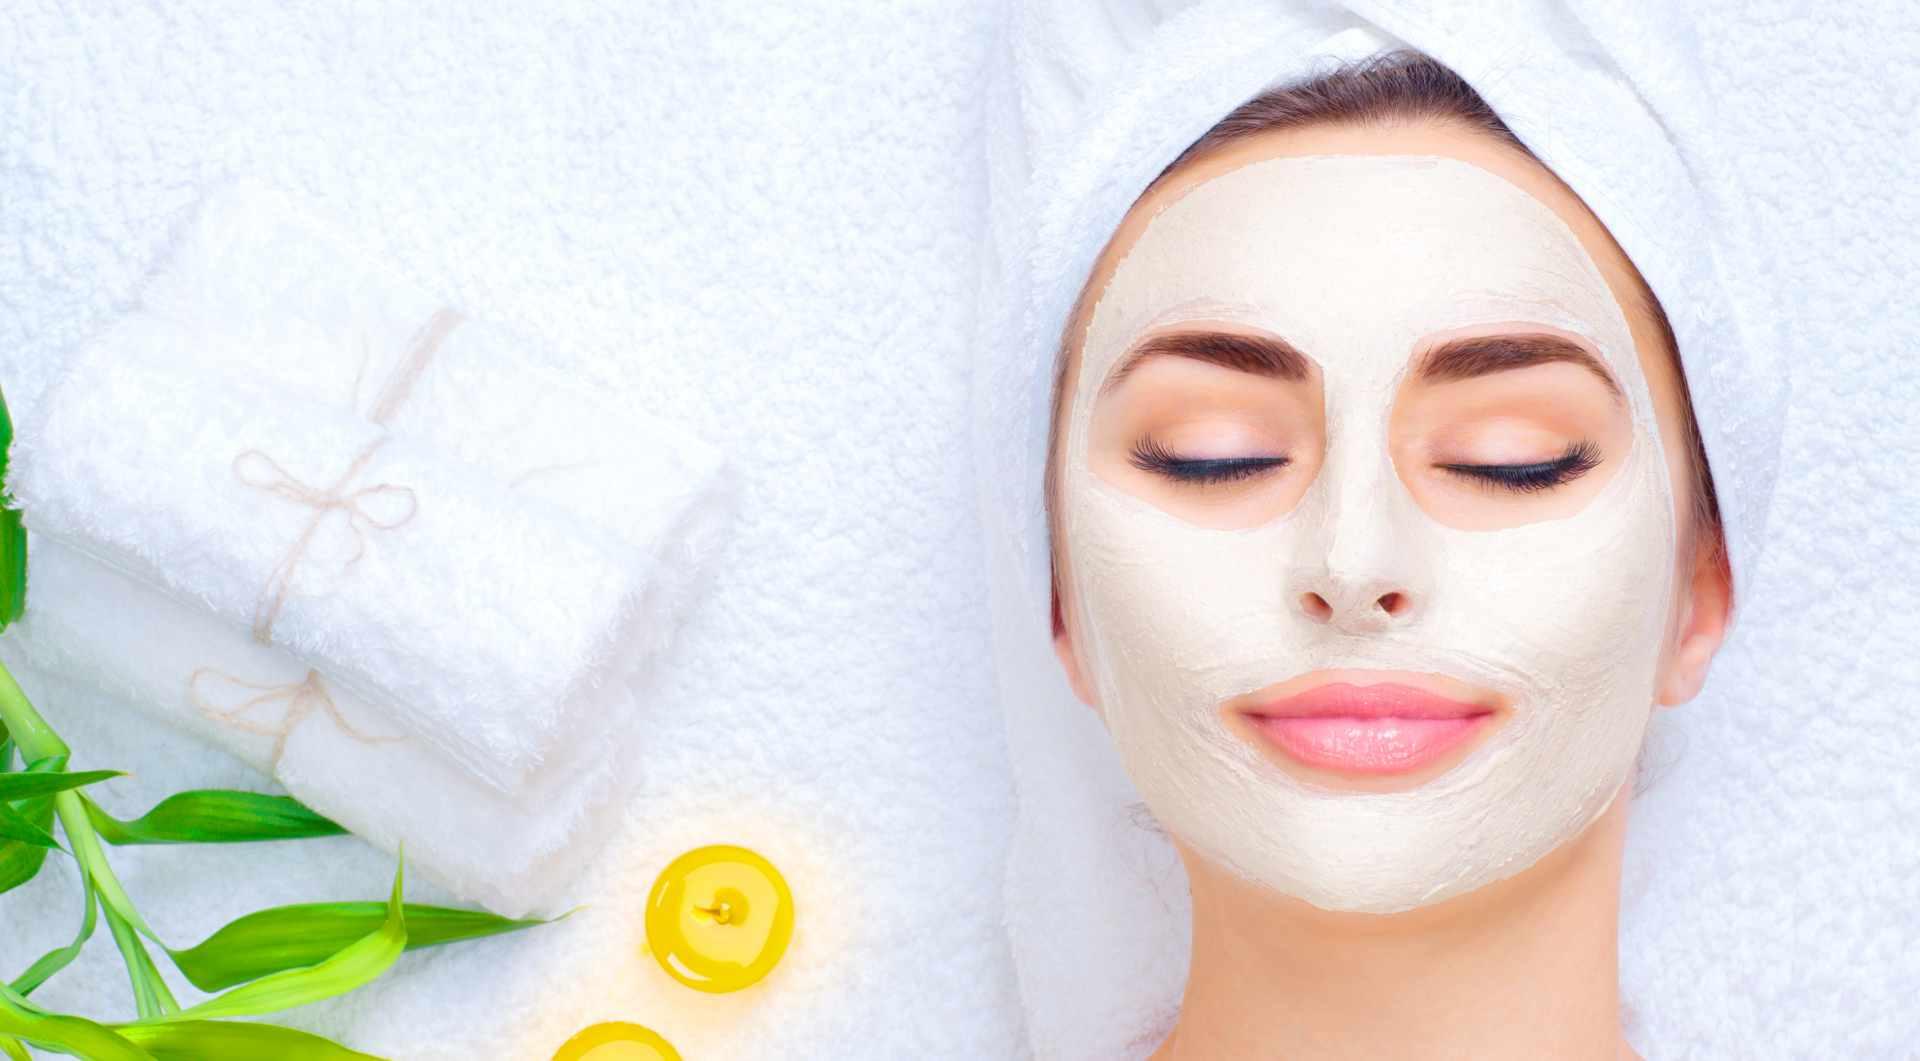 נקיות - המדריך המלא לטיפולי פנים